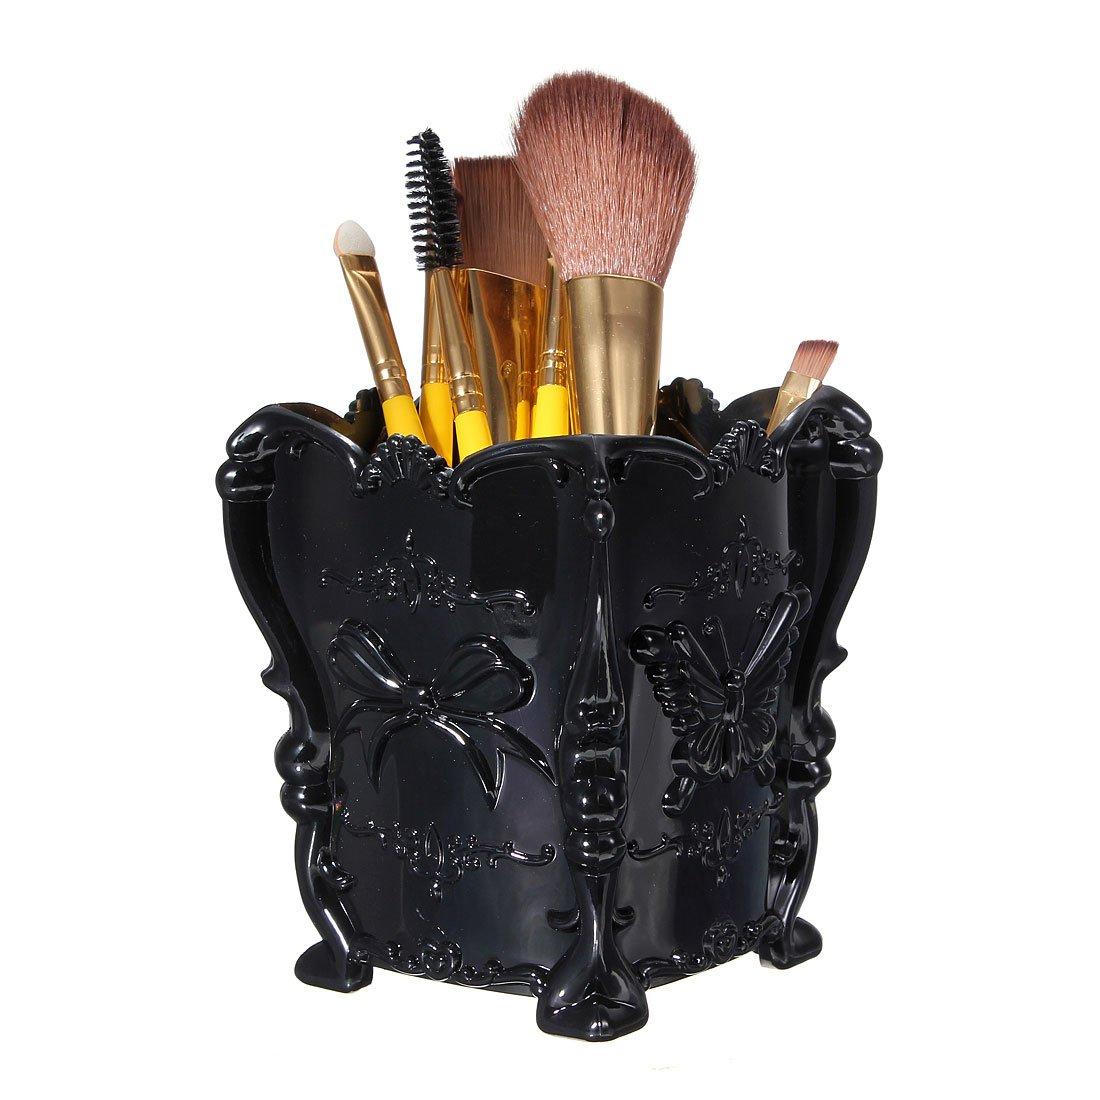 LuckyFine Boite De Maquillage/Maquillage Rouge A Levres Stockage Cosmetique/Rangements Pour Produits Cosmetiques/Organisateur Multi-Cosmetiques